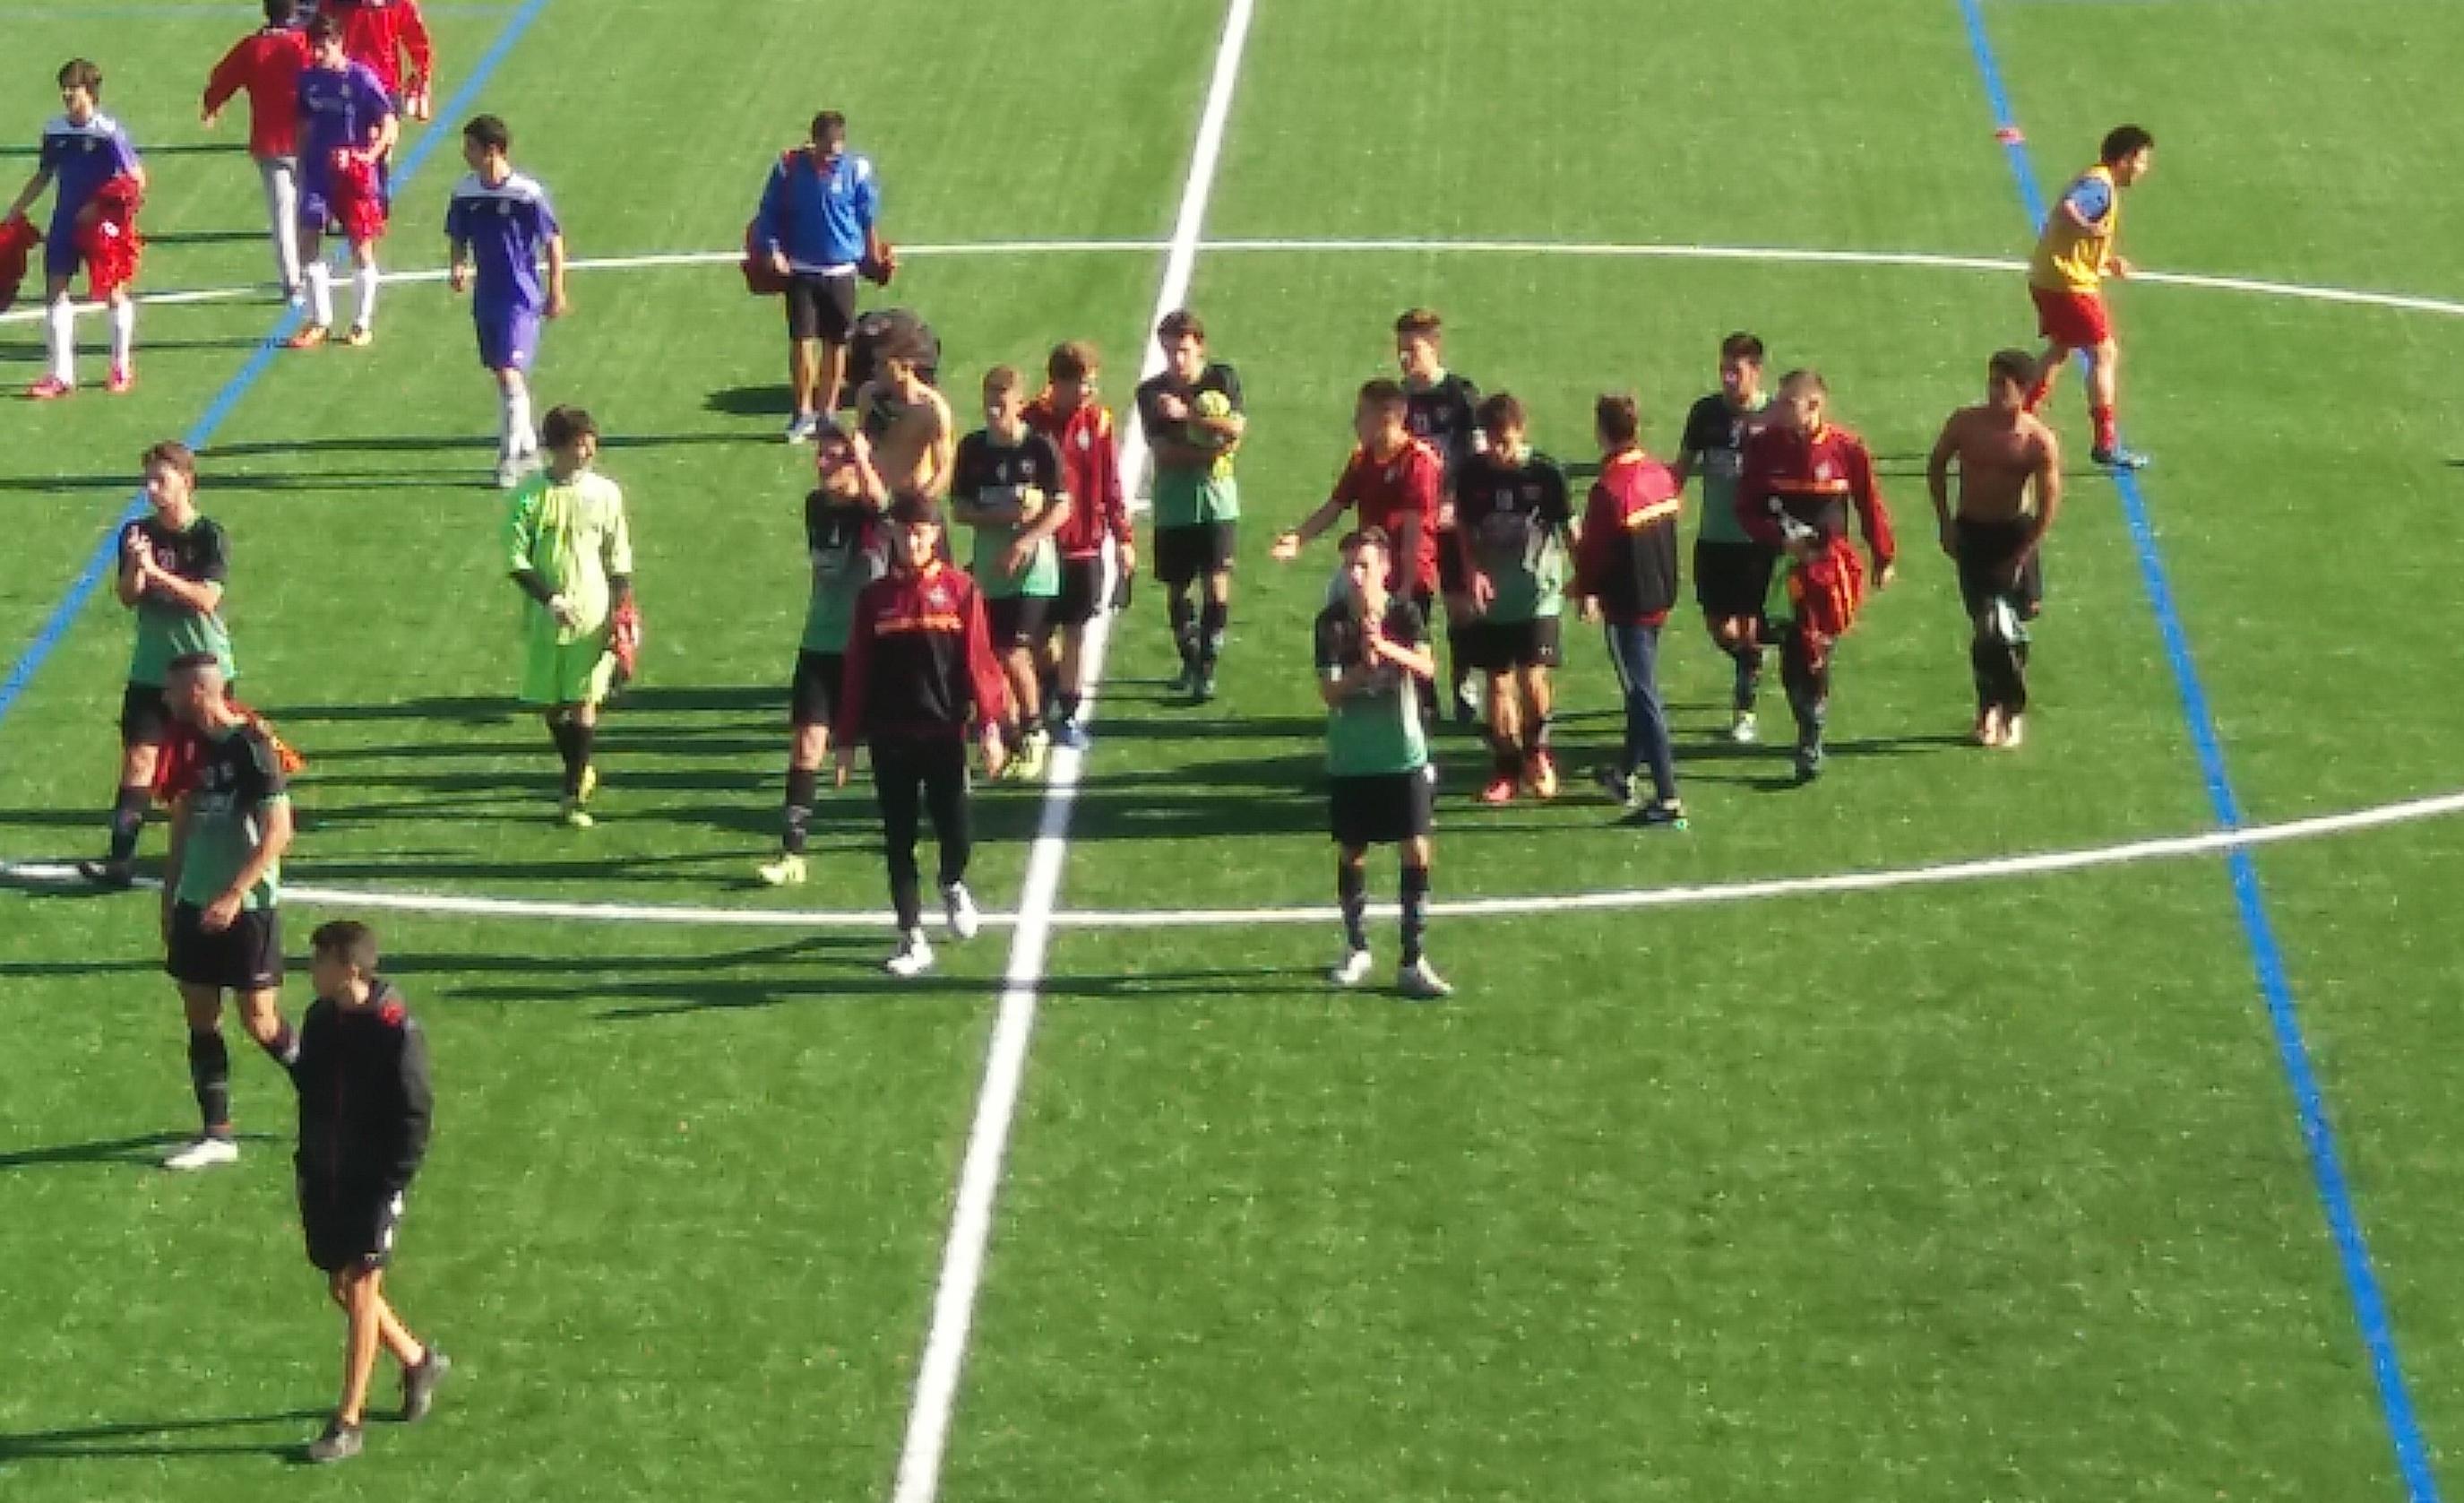 Crónica y fotos del partido de liga EDM Juvenil C 1 – 3 EF Concepción B